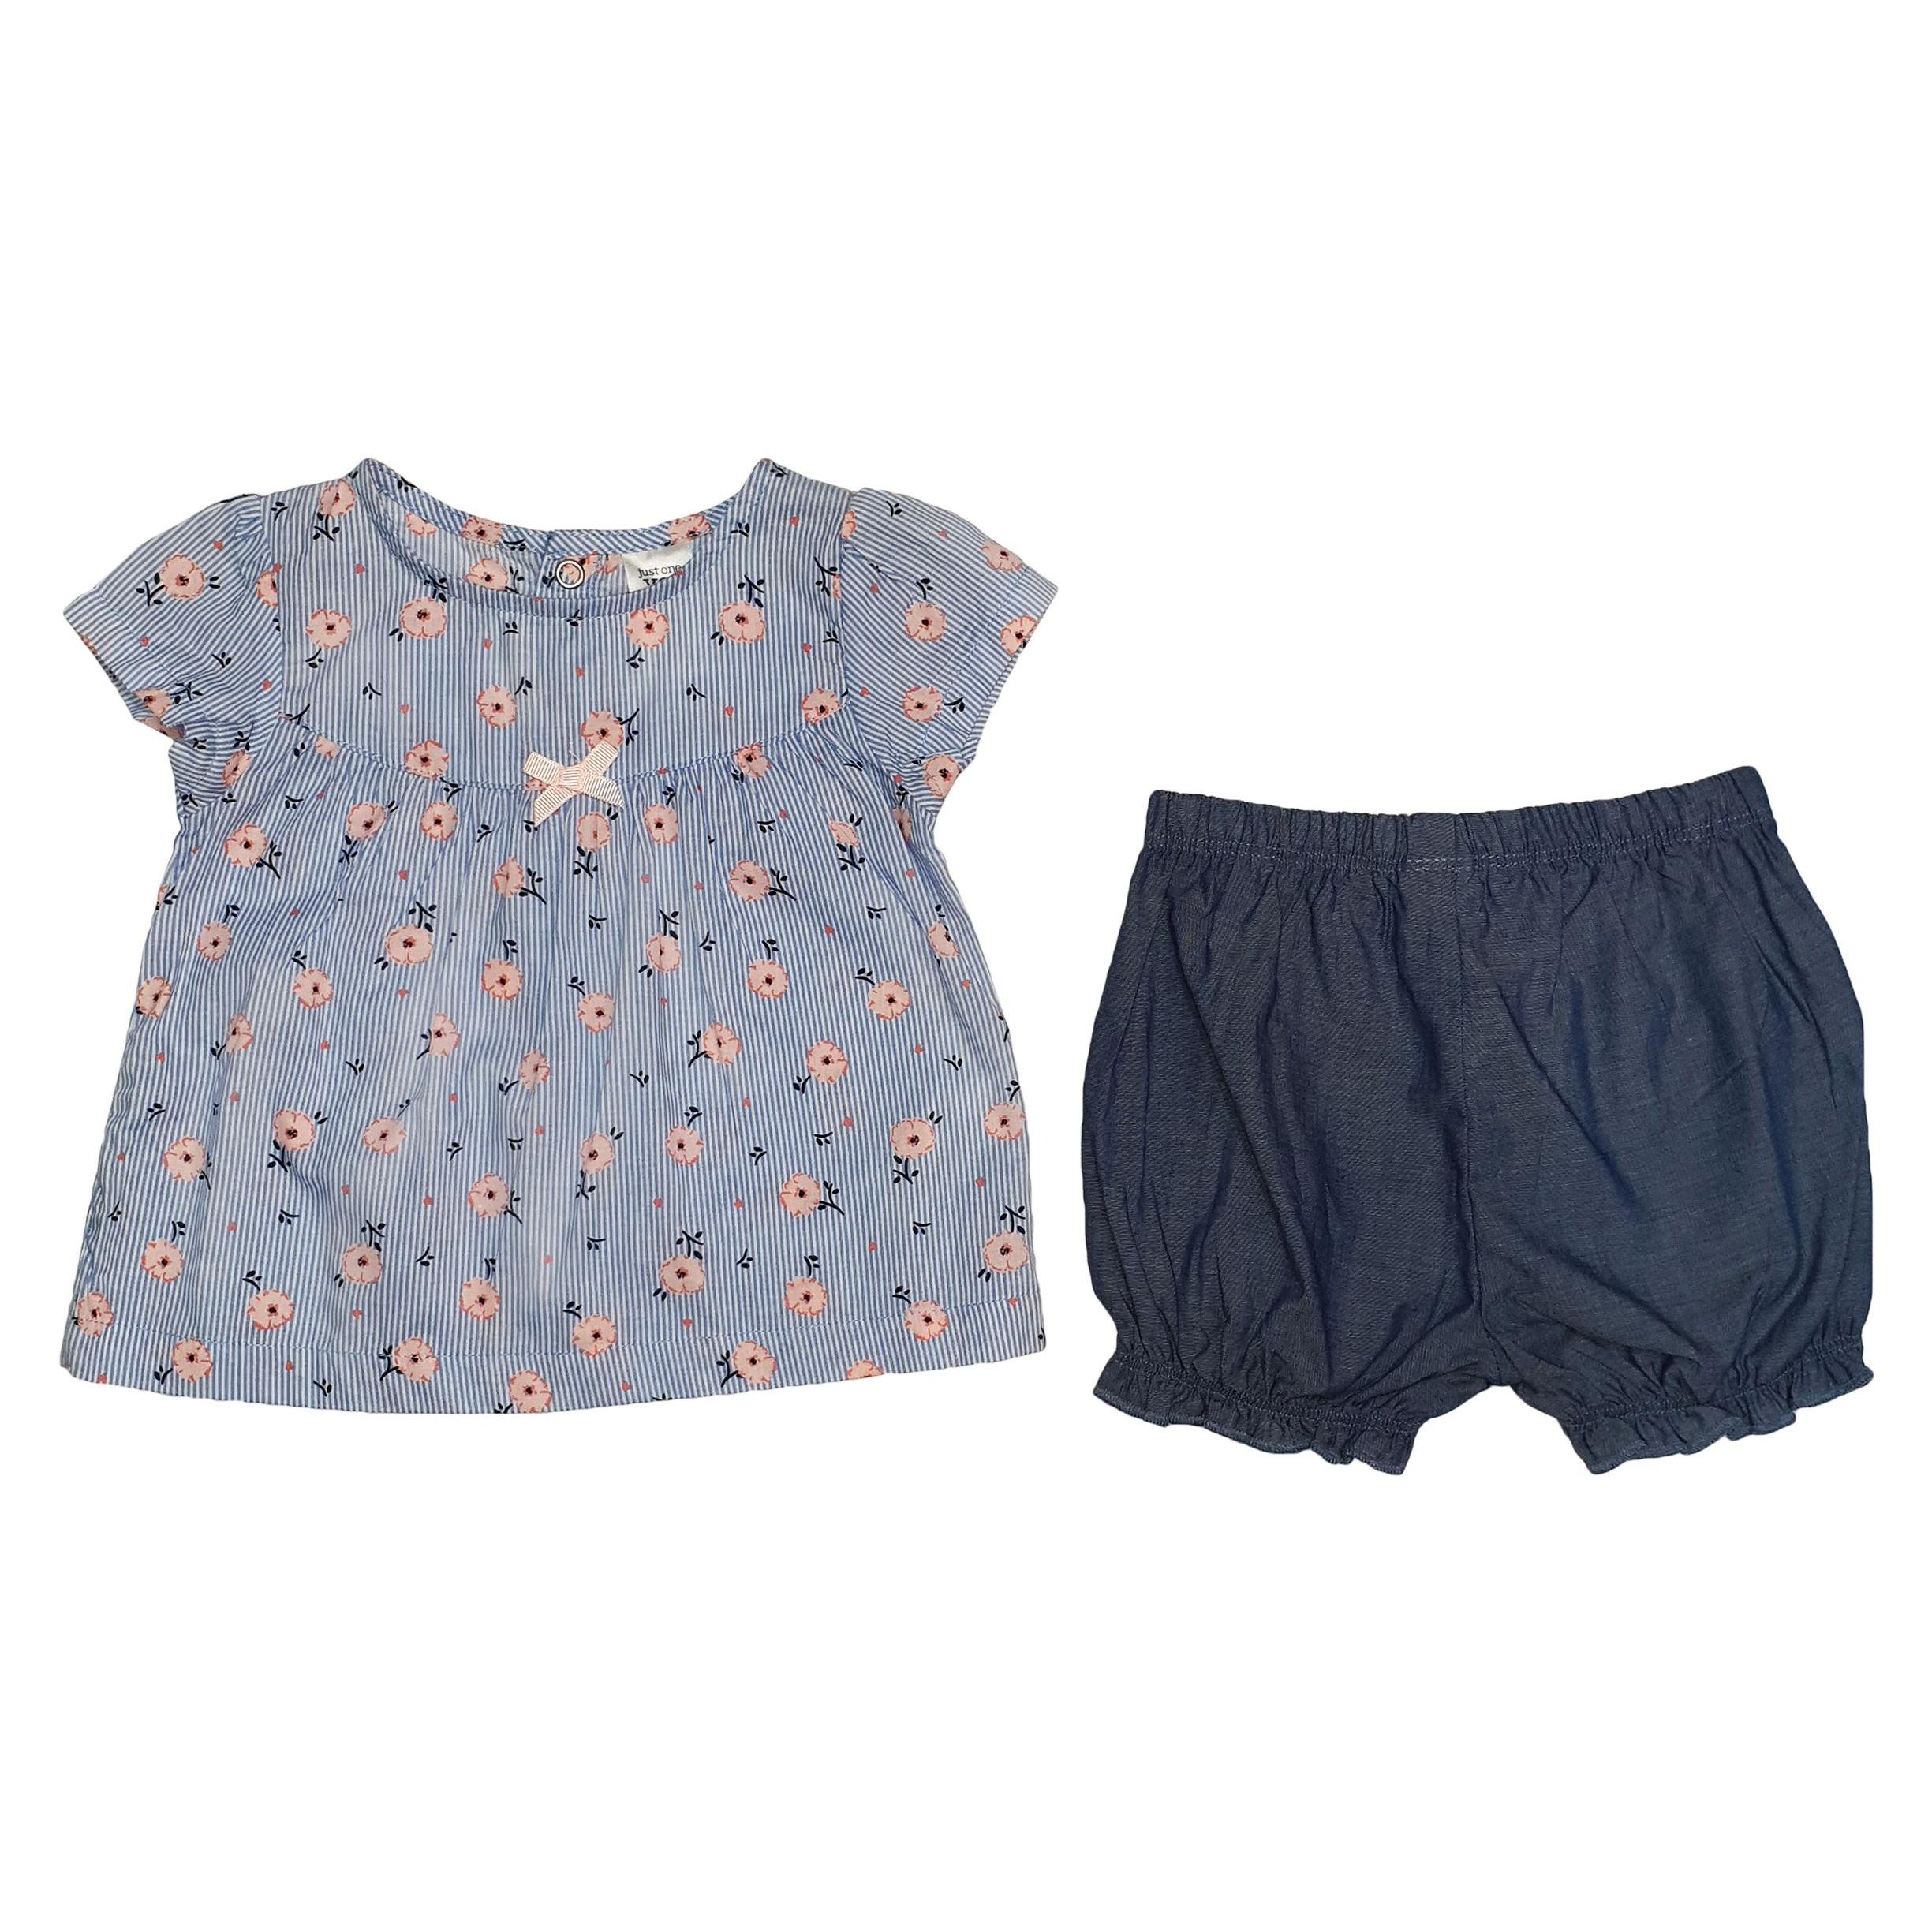 ست 2 تکه  لباس نوزادی کارترز کد 4